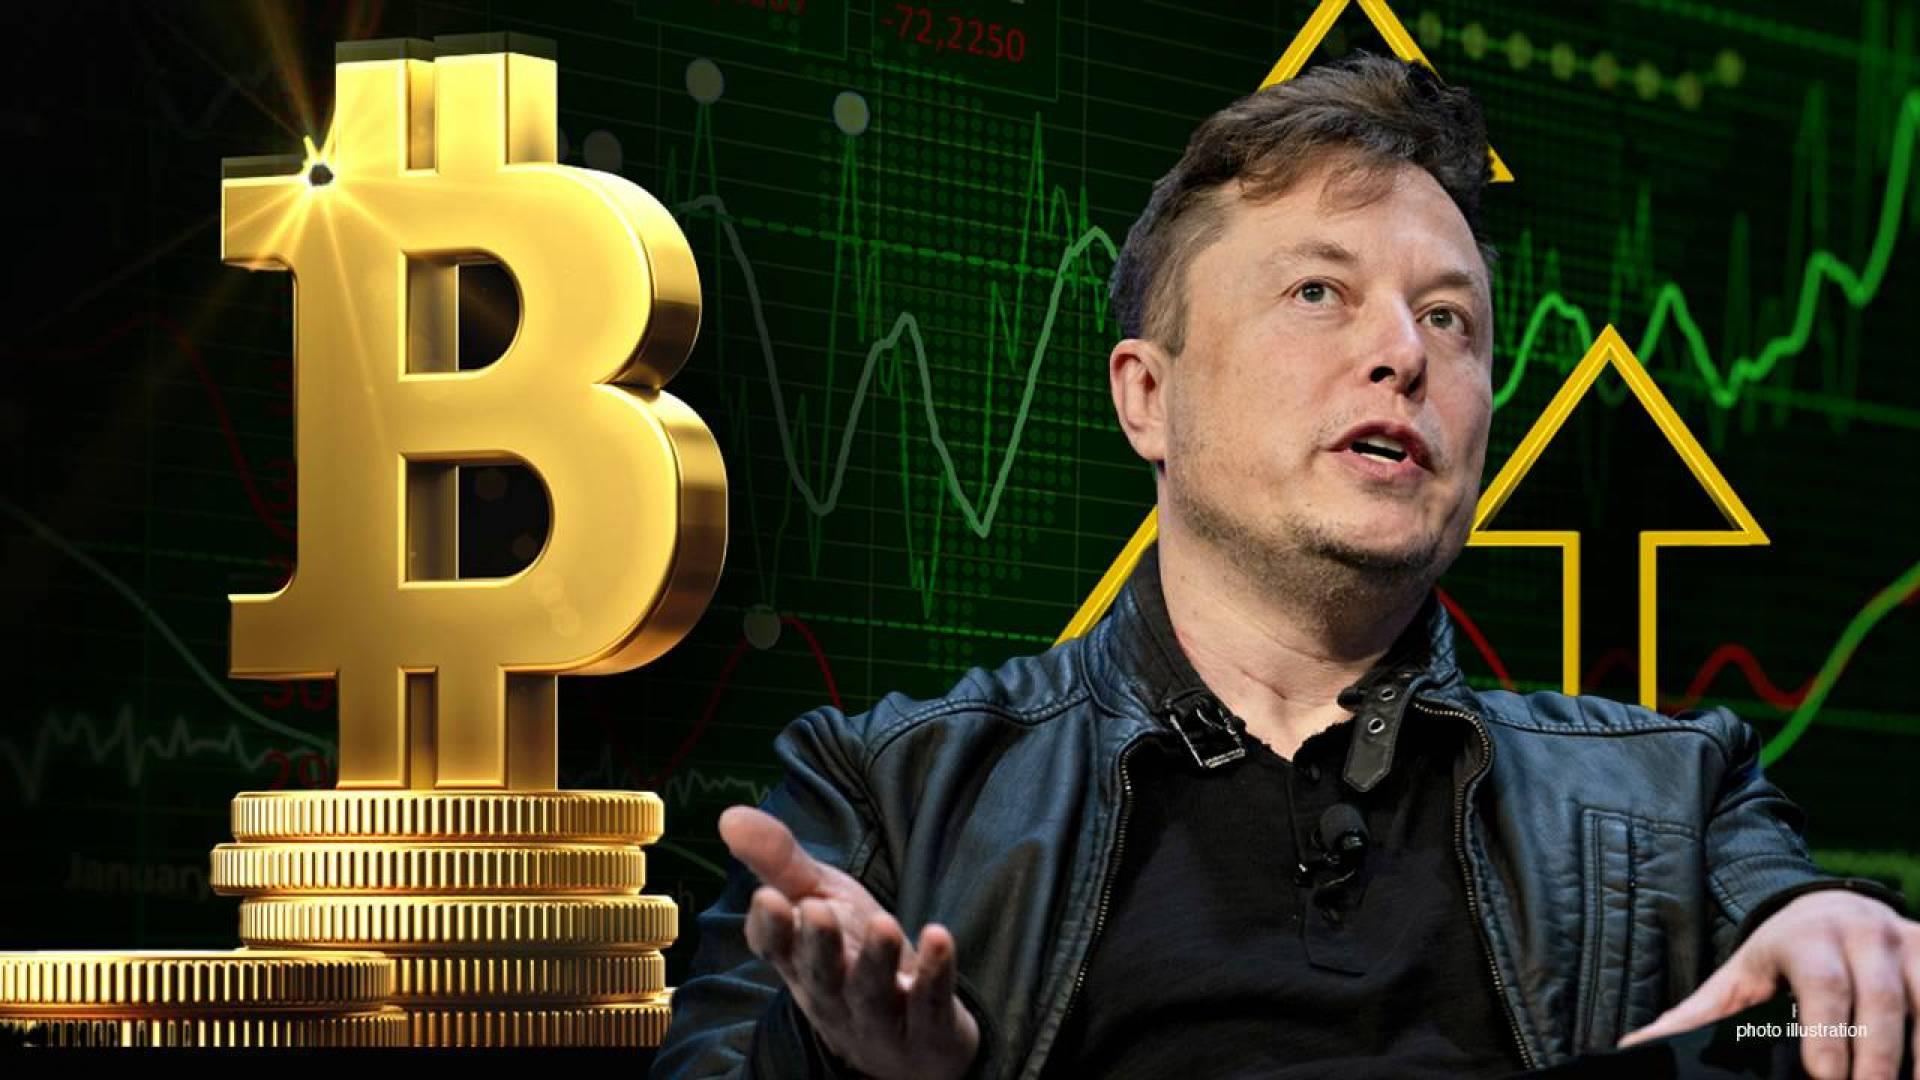 Elon musk tem uma relação complexa com as criptomoedas, às vezes apoiando e às vezes questionando o impacto ambiental da mineração de bitcoin